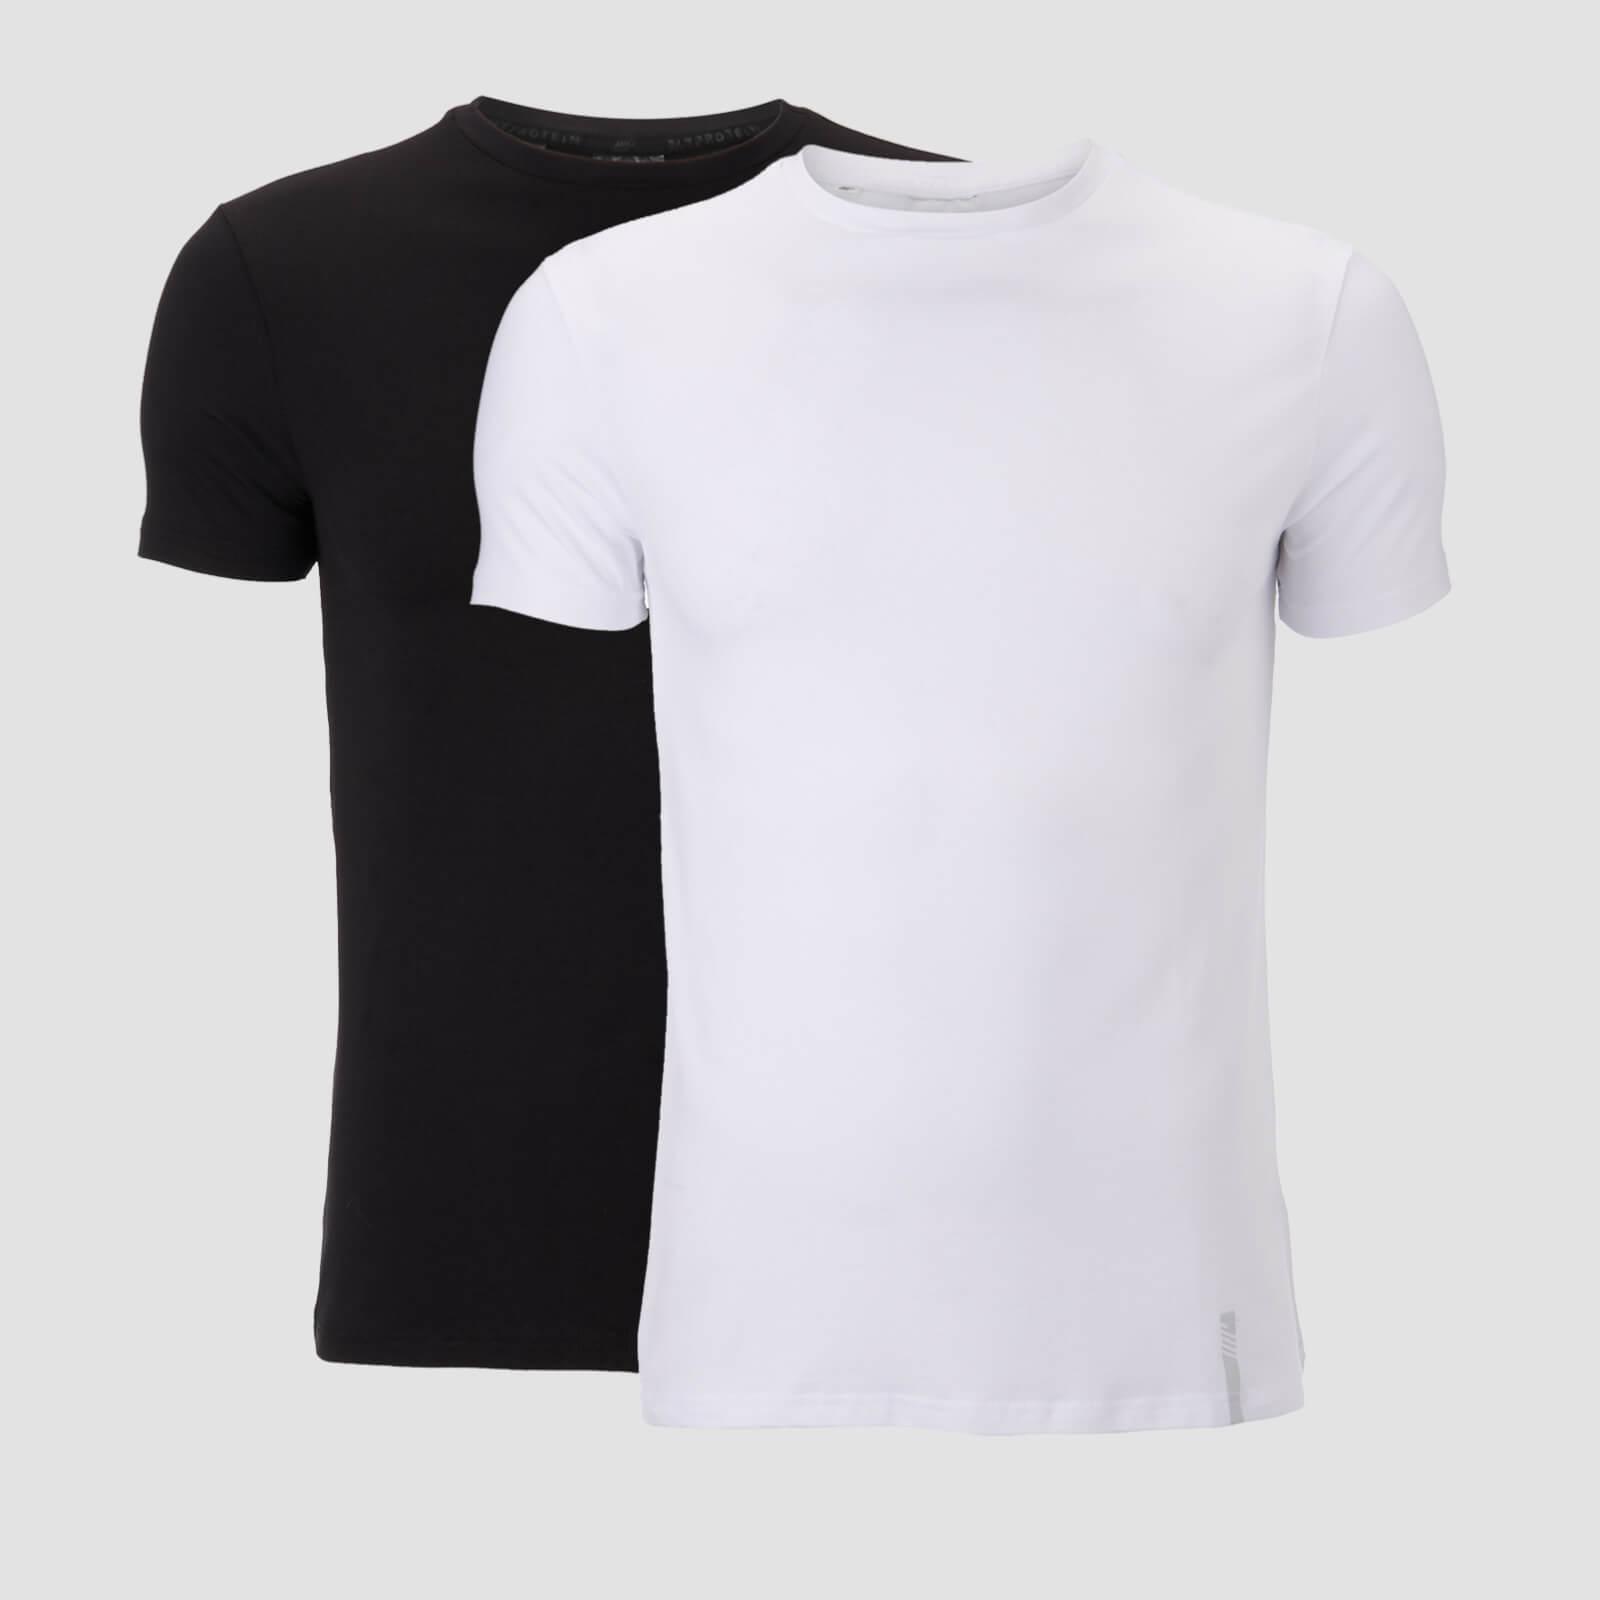 Myprotein Luxe Classic Crew T-Paita (2 Pack) - Musta/Valkoinen - S